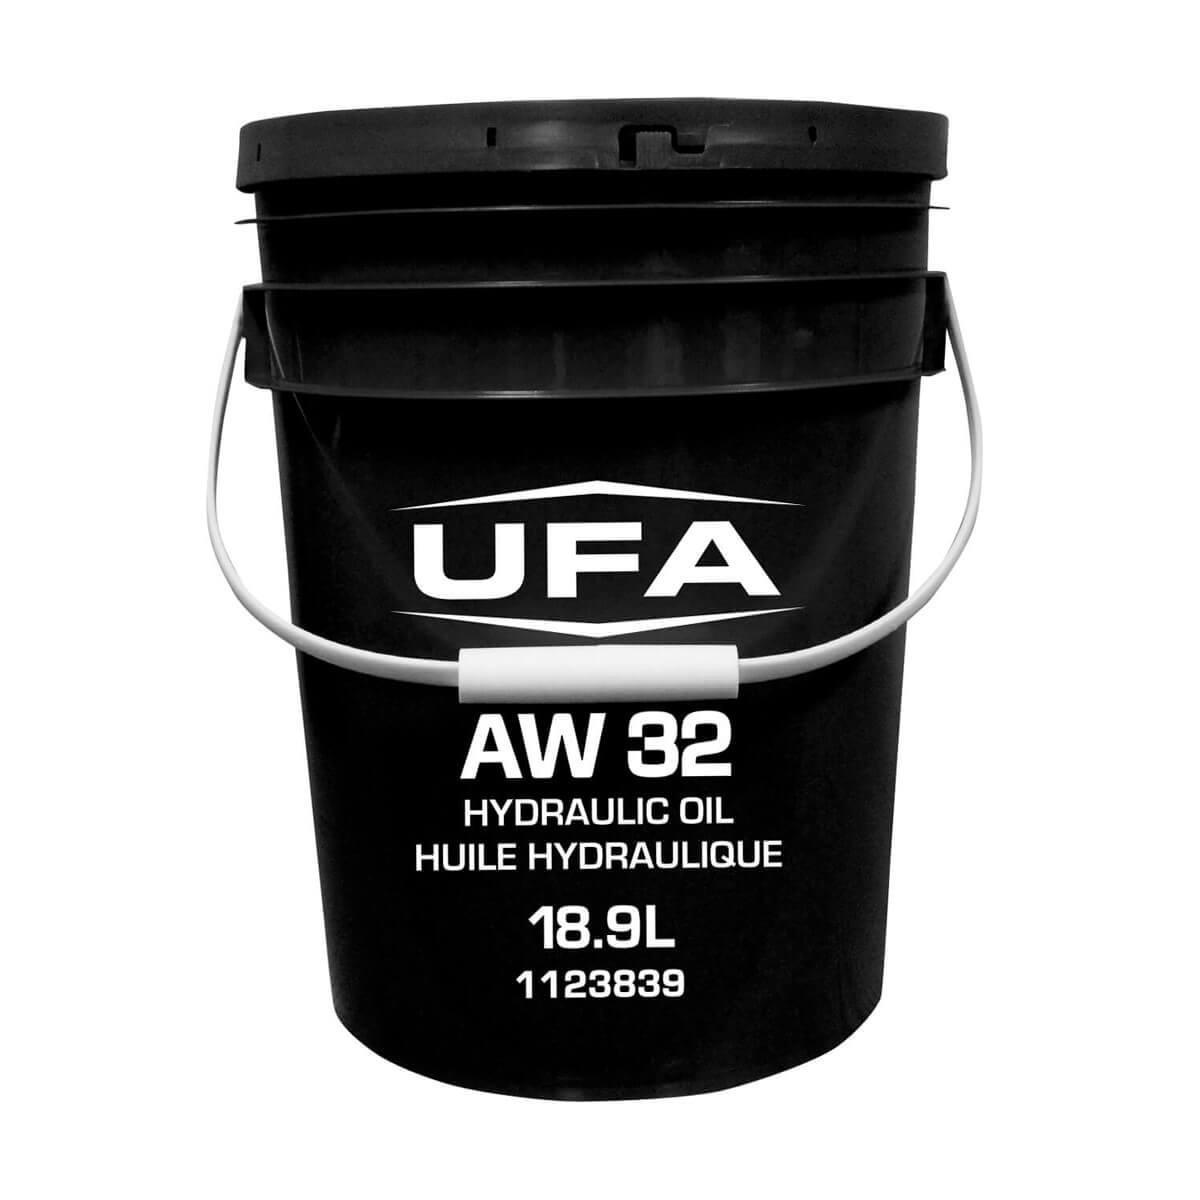 UFA Anti-Wear Hydraulic Oil AW 32 - 18.9 L